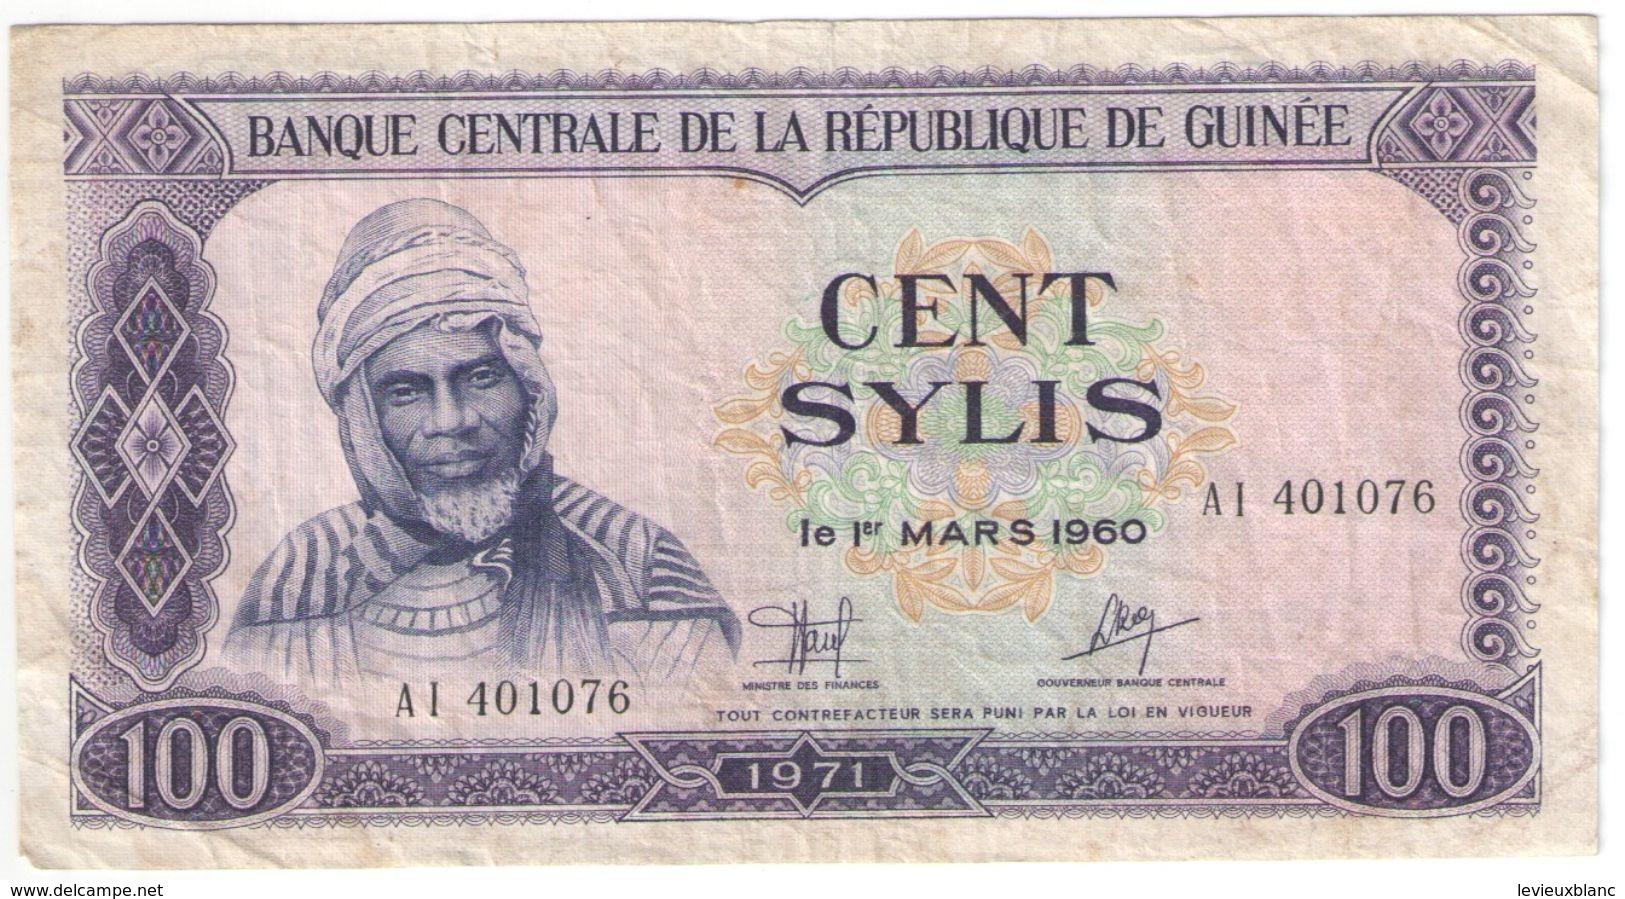 100 SYLIS/Banque Centrale De La République De GUINEE /1960/1971                                              BILL174 - Guinée